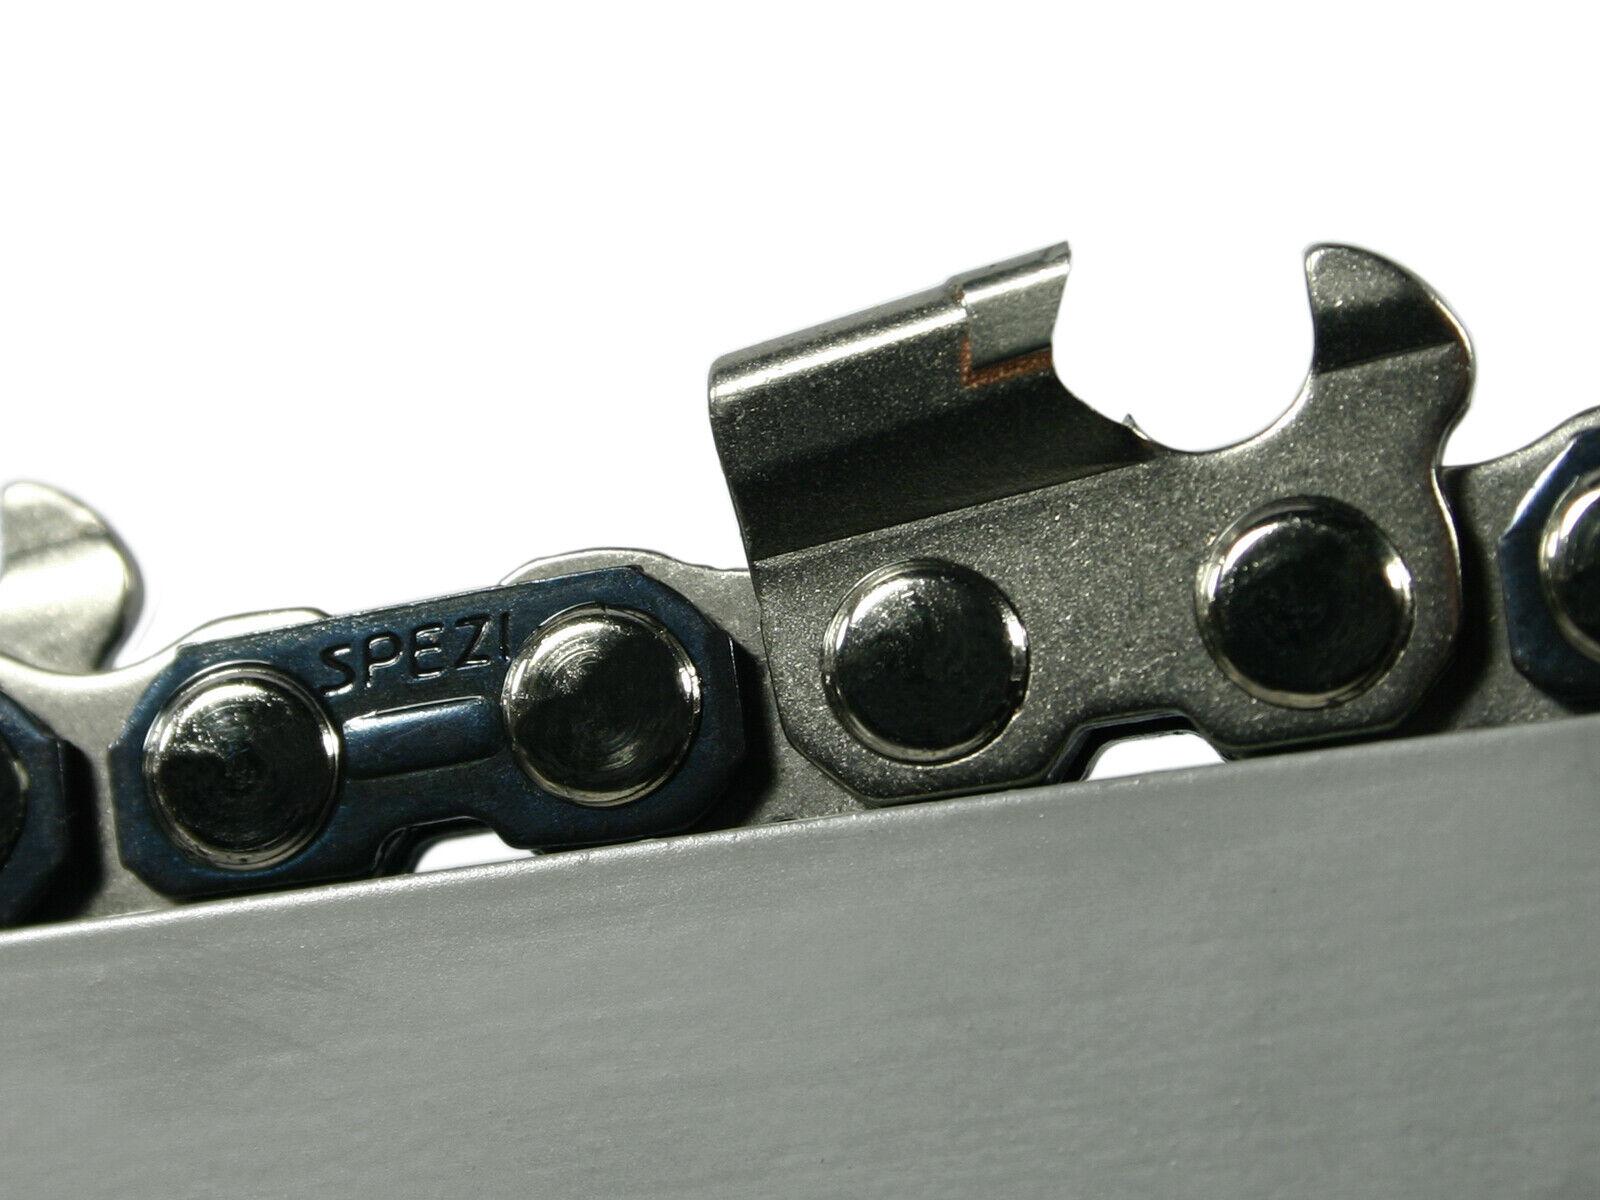 Metal duro cadena sierra adecuado para Husqvarna el16 55 cm 3 8  76 TG 1,5 mm Cochebide